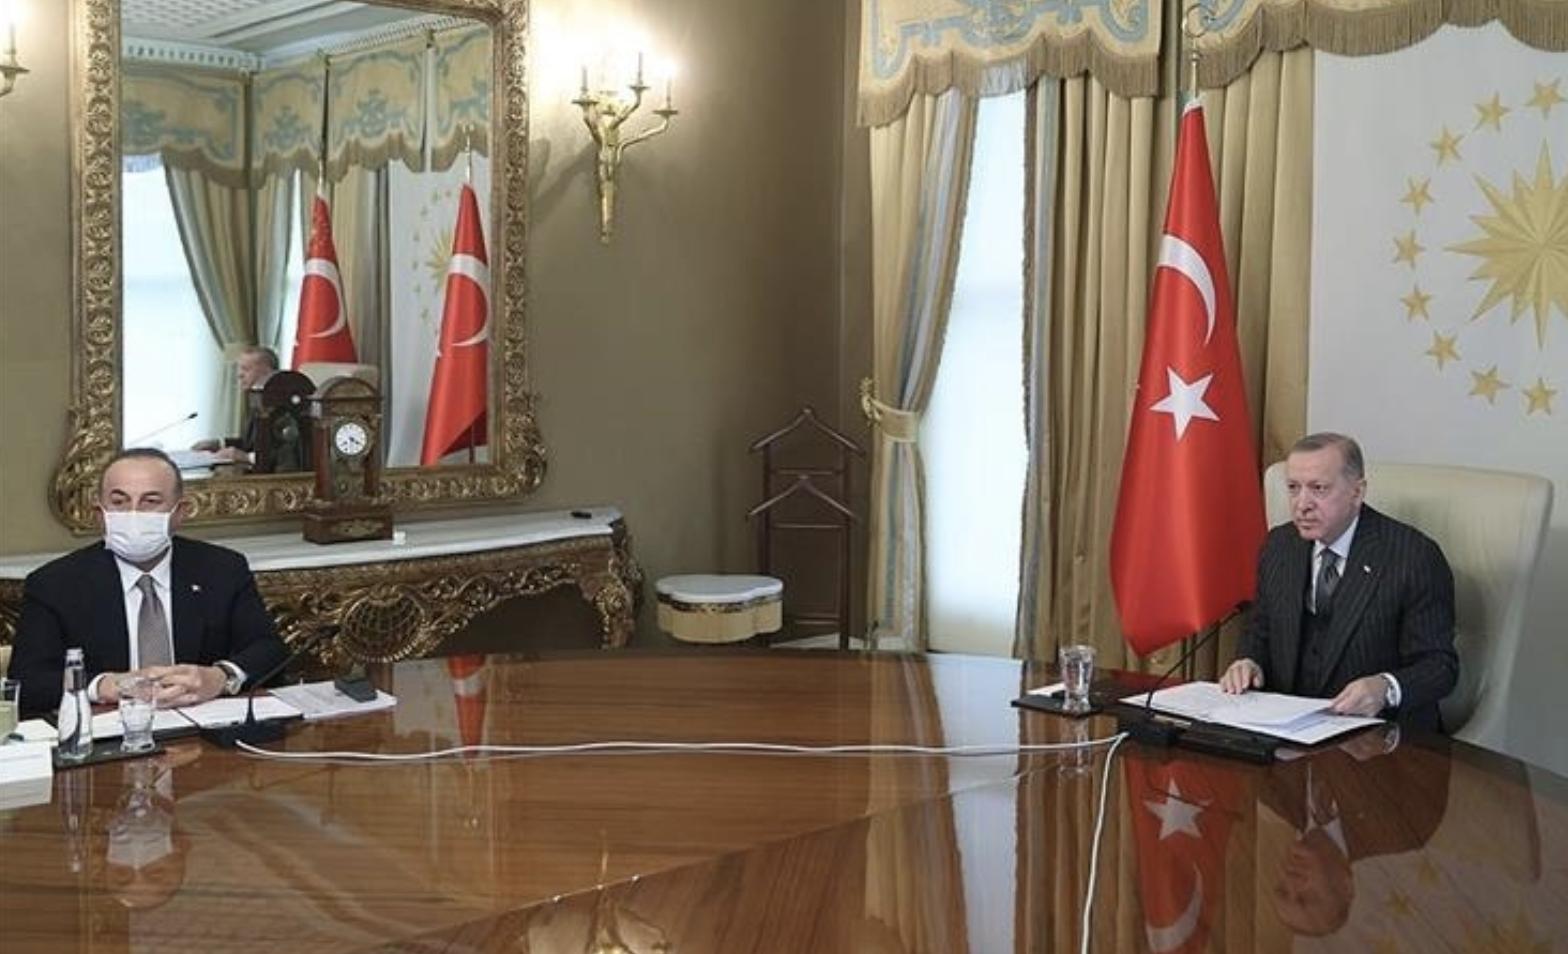 Τουρκία: Την οικοδόμηση θετικής ατζέντας συζήτησαν Erdogan, Michel και der Leyen